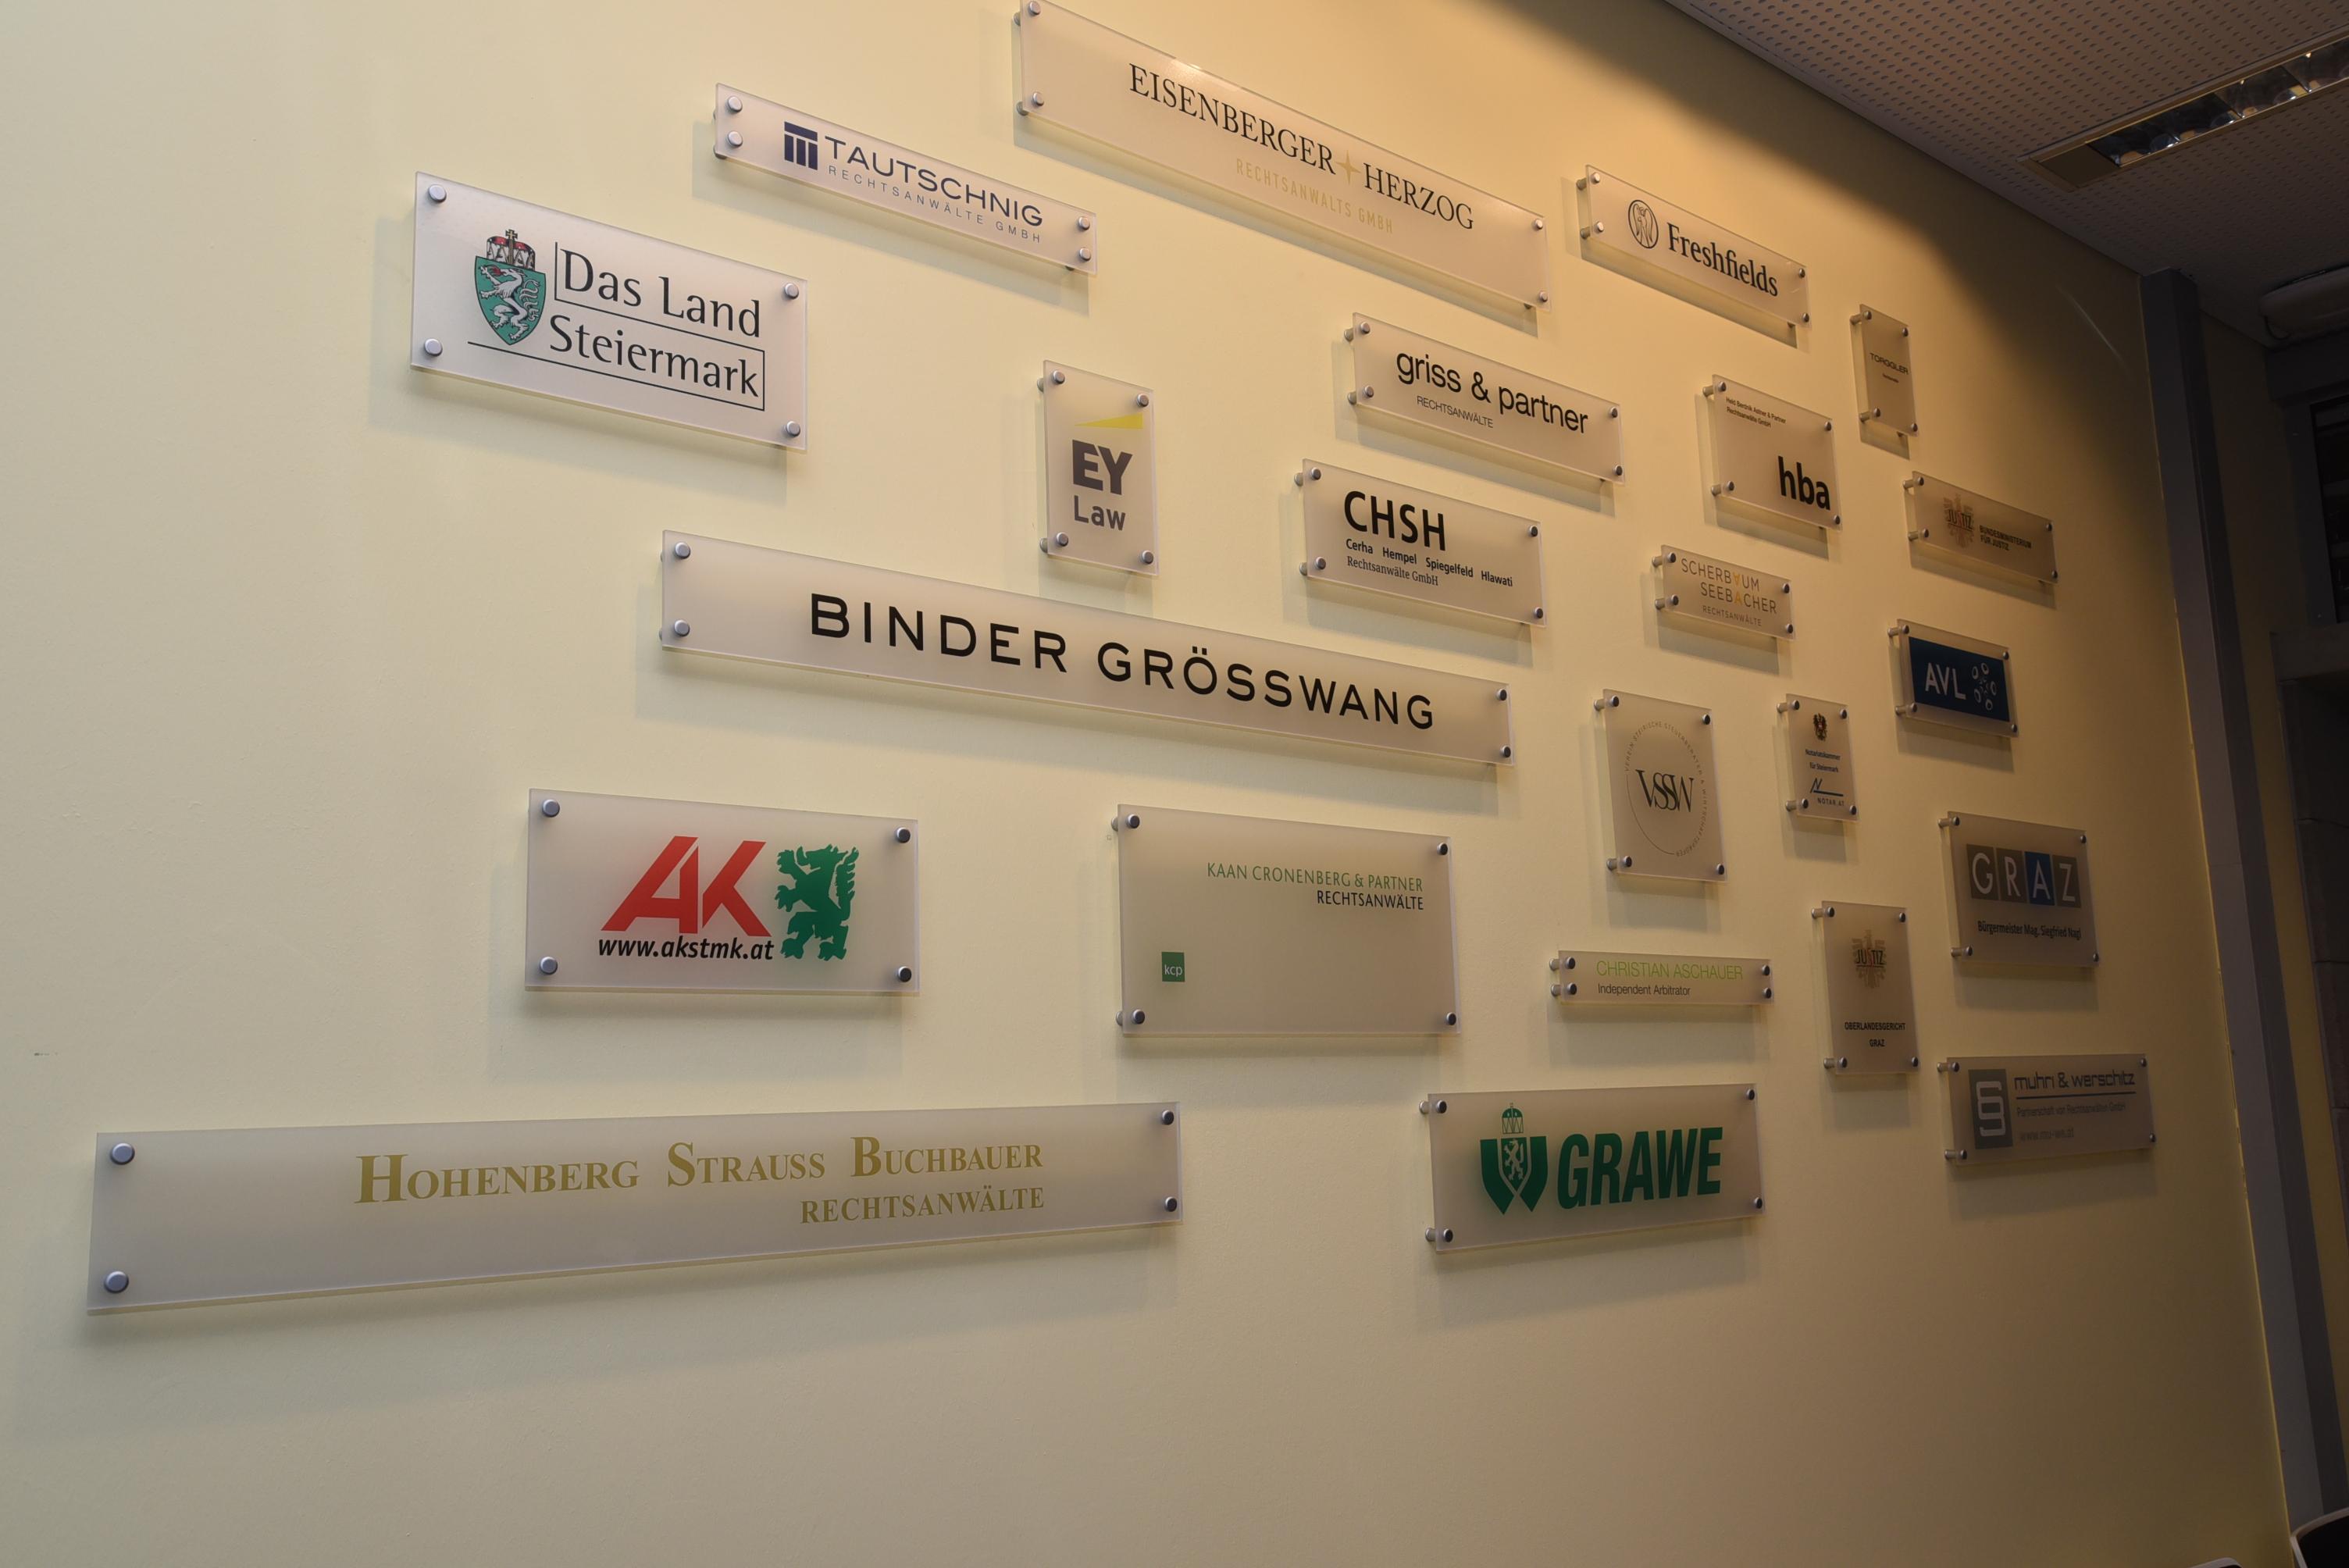 TAUTSCHNIG Unterstützt Moot-Court- Und Verhandlungsraum-Projekt Der Uni Graz